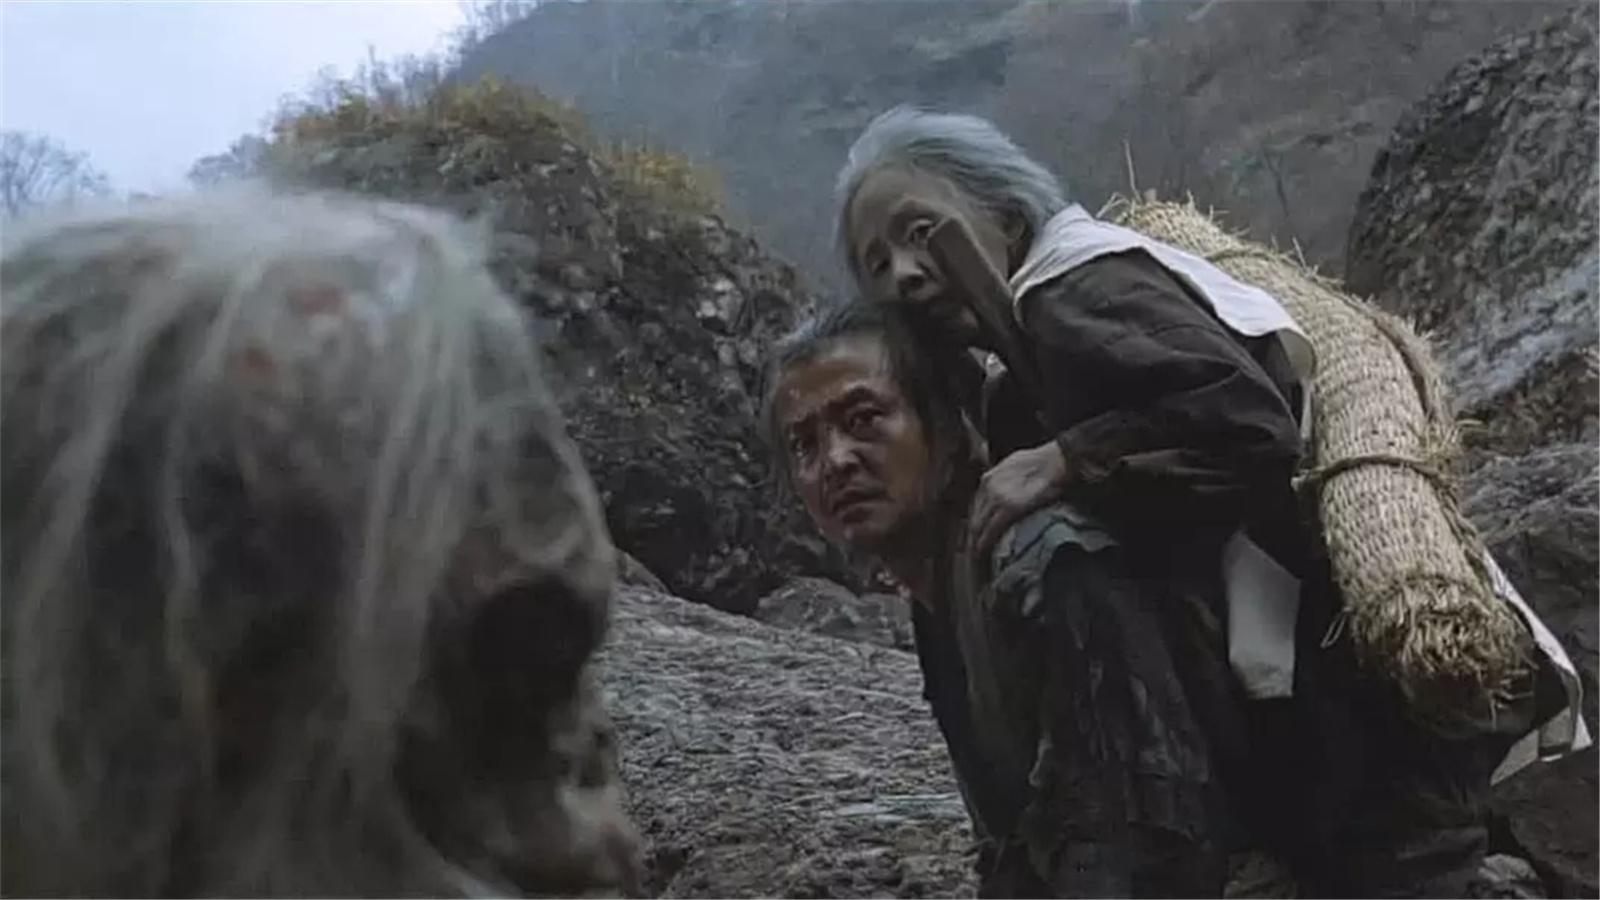 #经典看电影#这个村的老人活到70岁,要被儿子背上山顶弃养,此时有子不如无